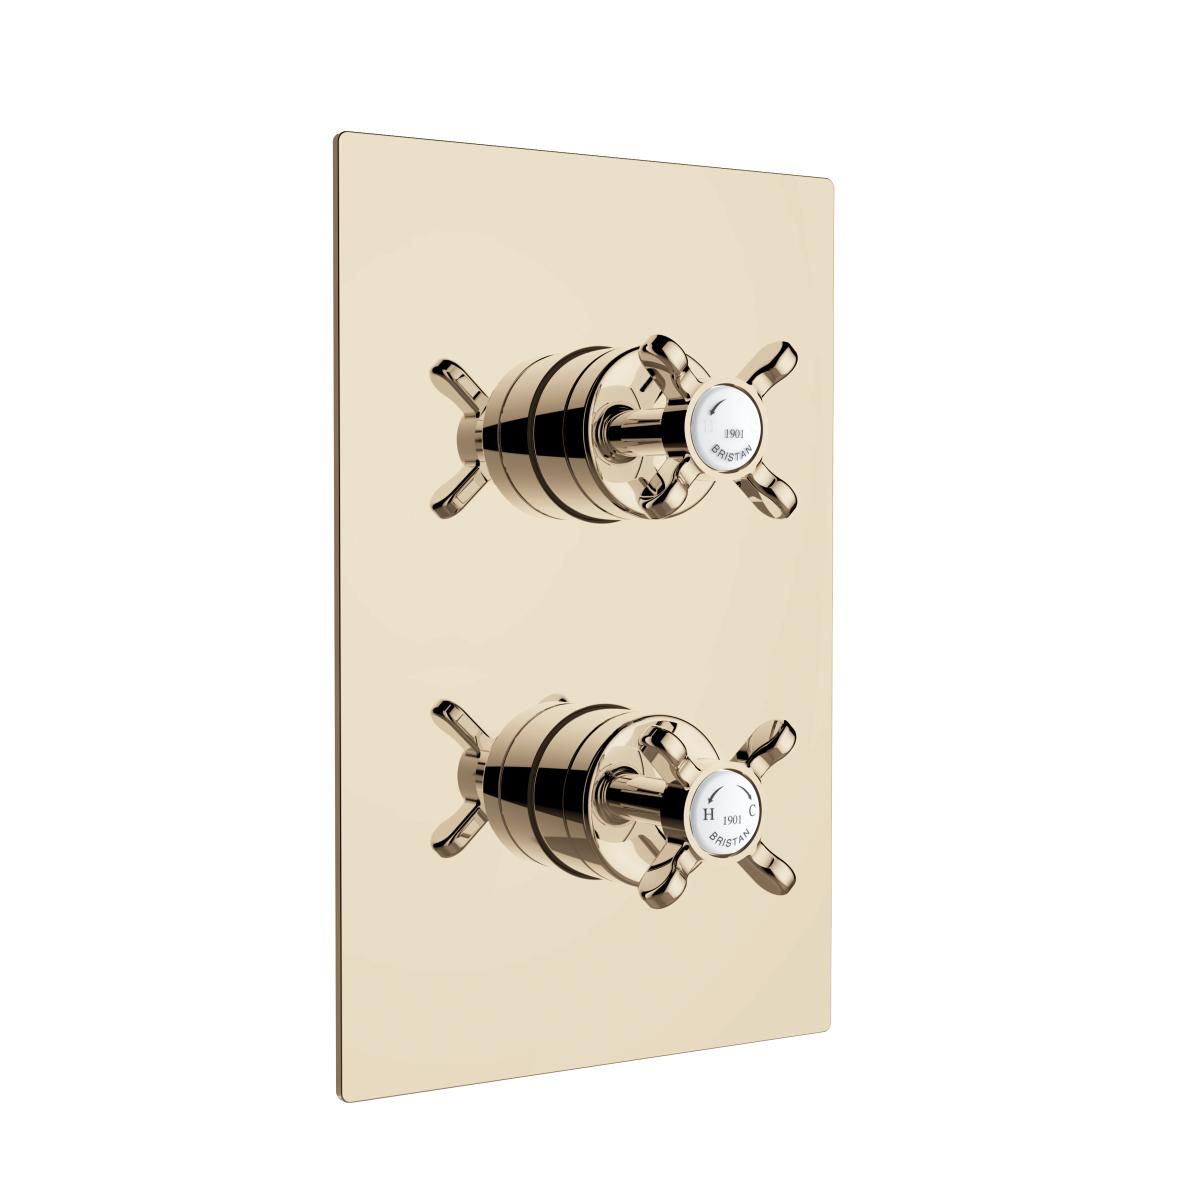 Recessed Concealed Shower Valve - Gold